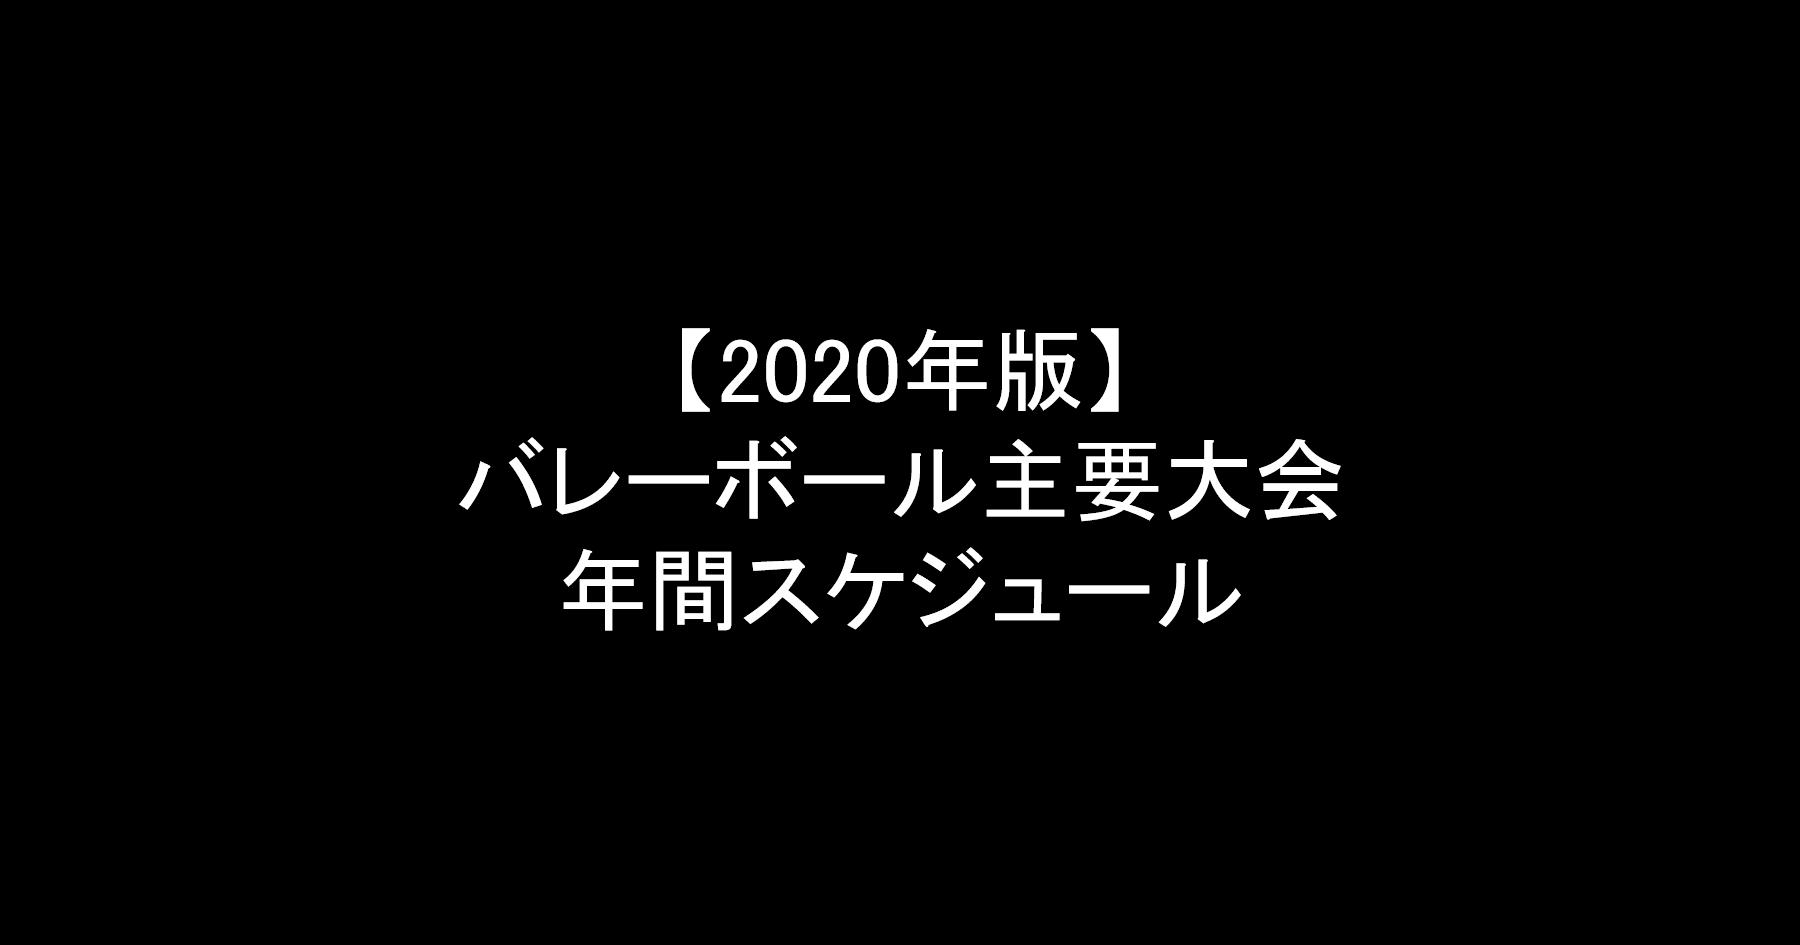 【2020年版】バレーボール主要大会 年間スケジュール